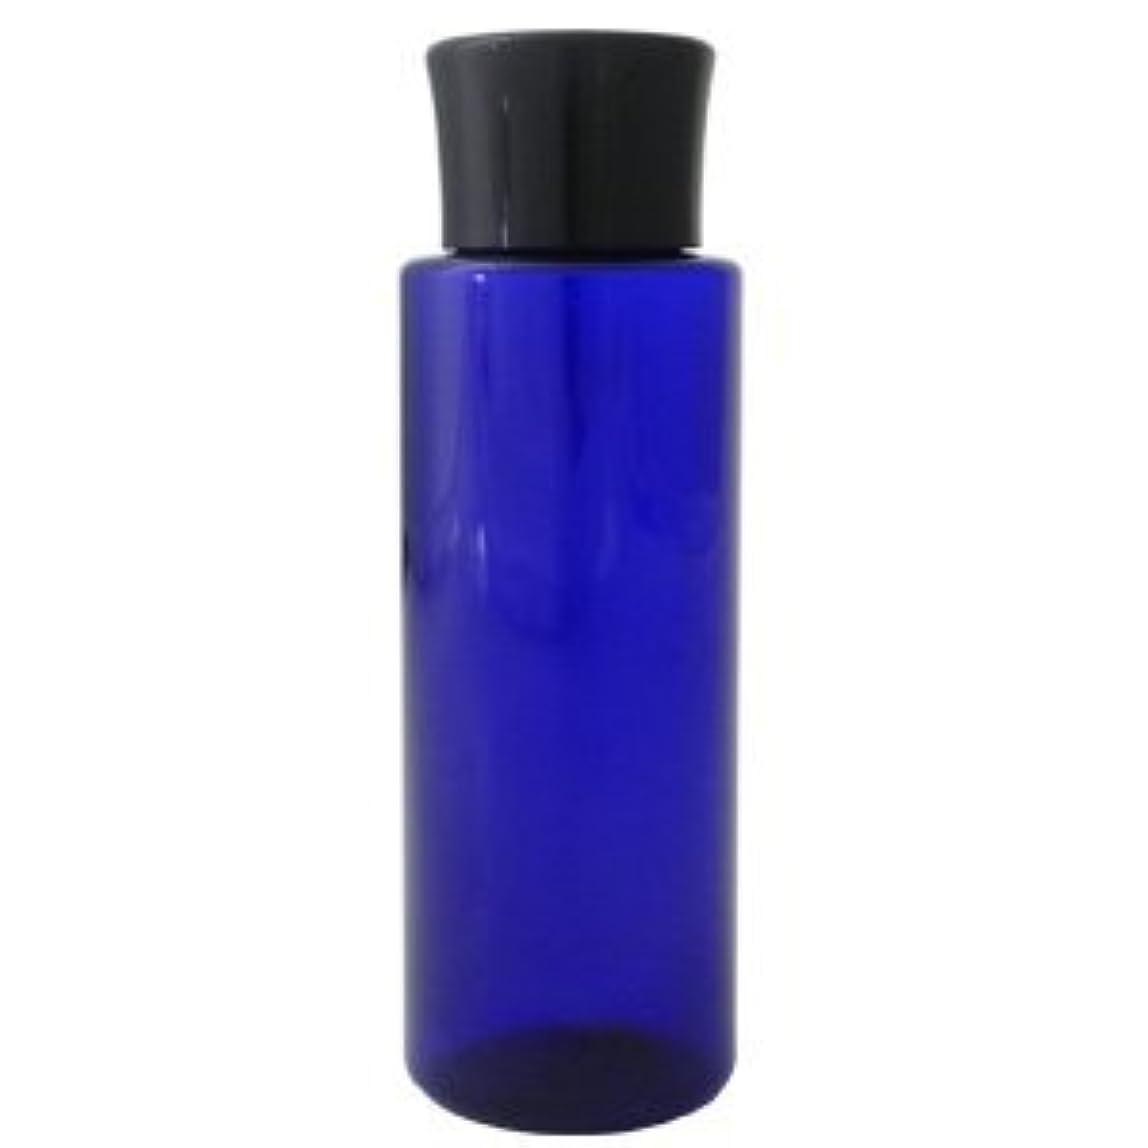 無実デマンド希望に満ちたPETボトル コバルトブルー 青 100ml 化粧水用中栓